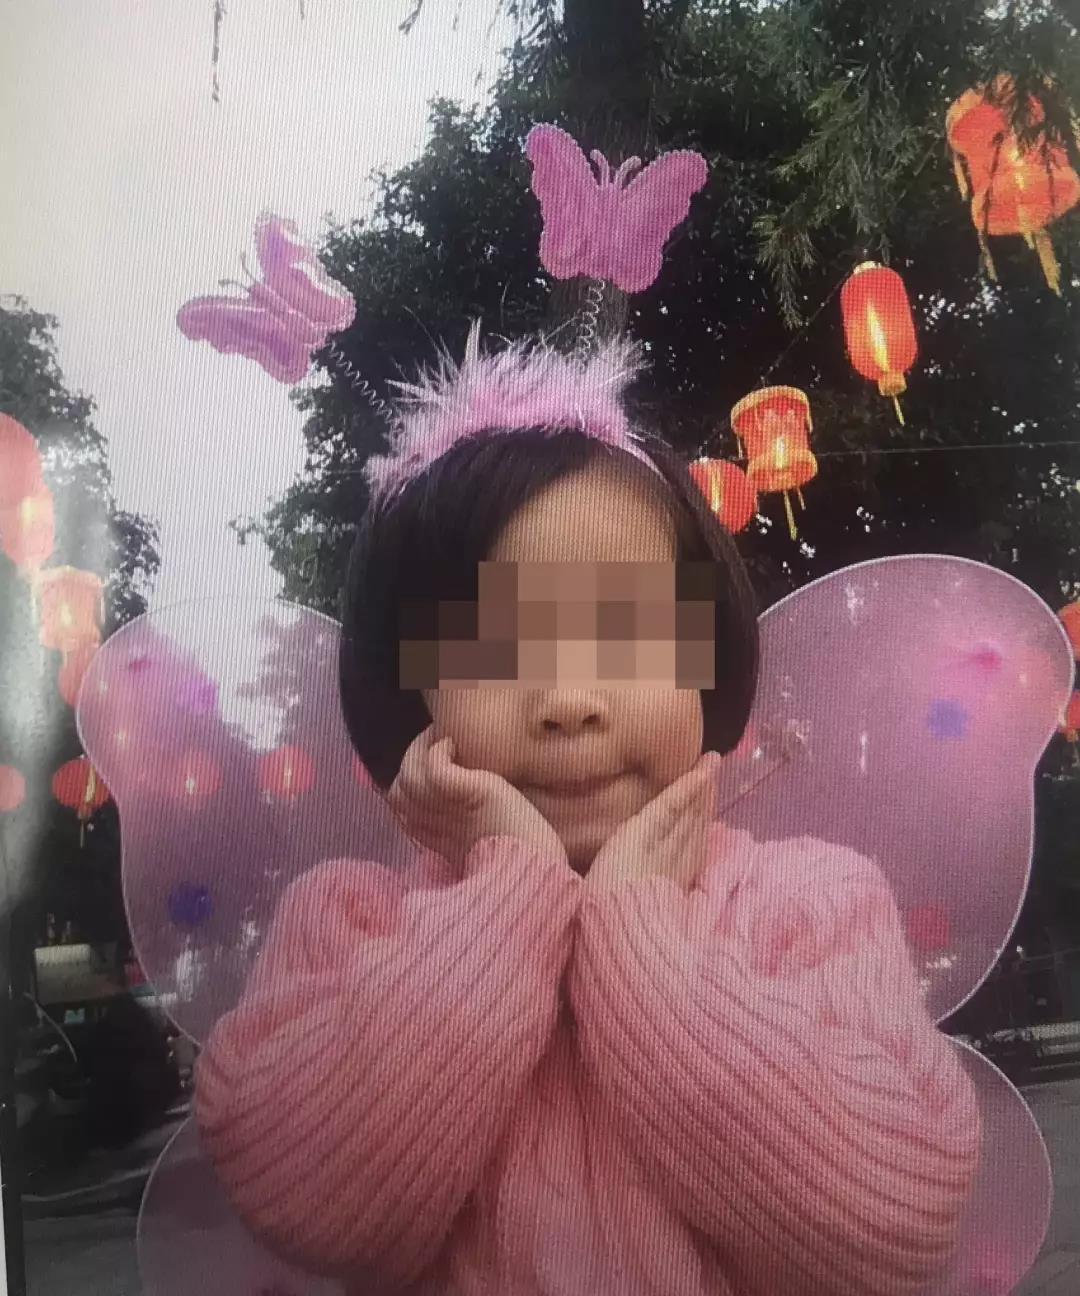 8岁女孩玩蹦床昏迷 医生:疑脊椎受损 瘫痪概率大